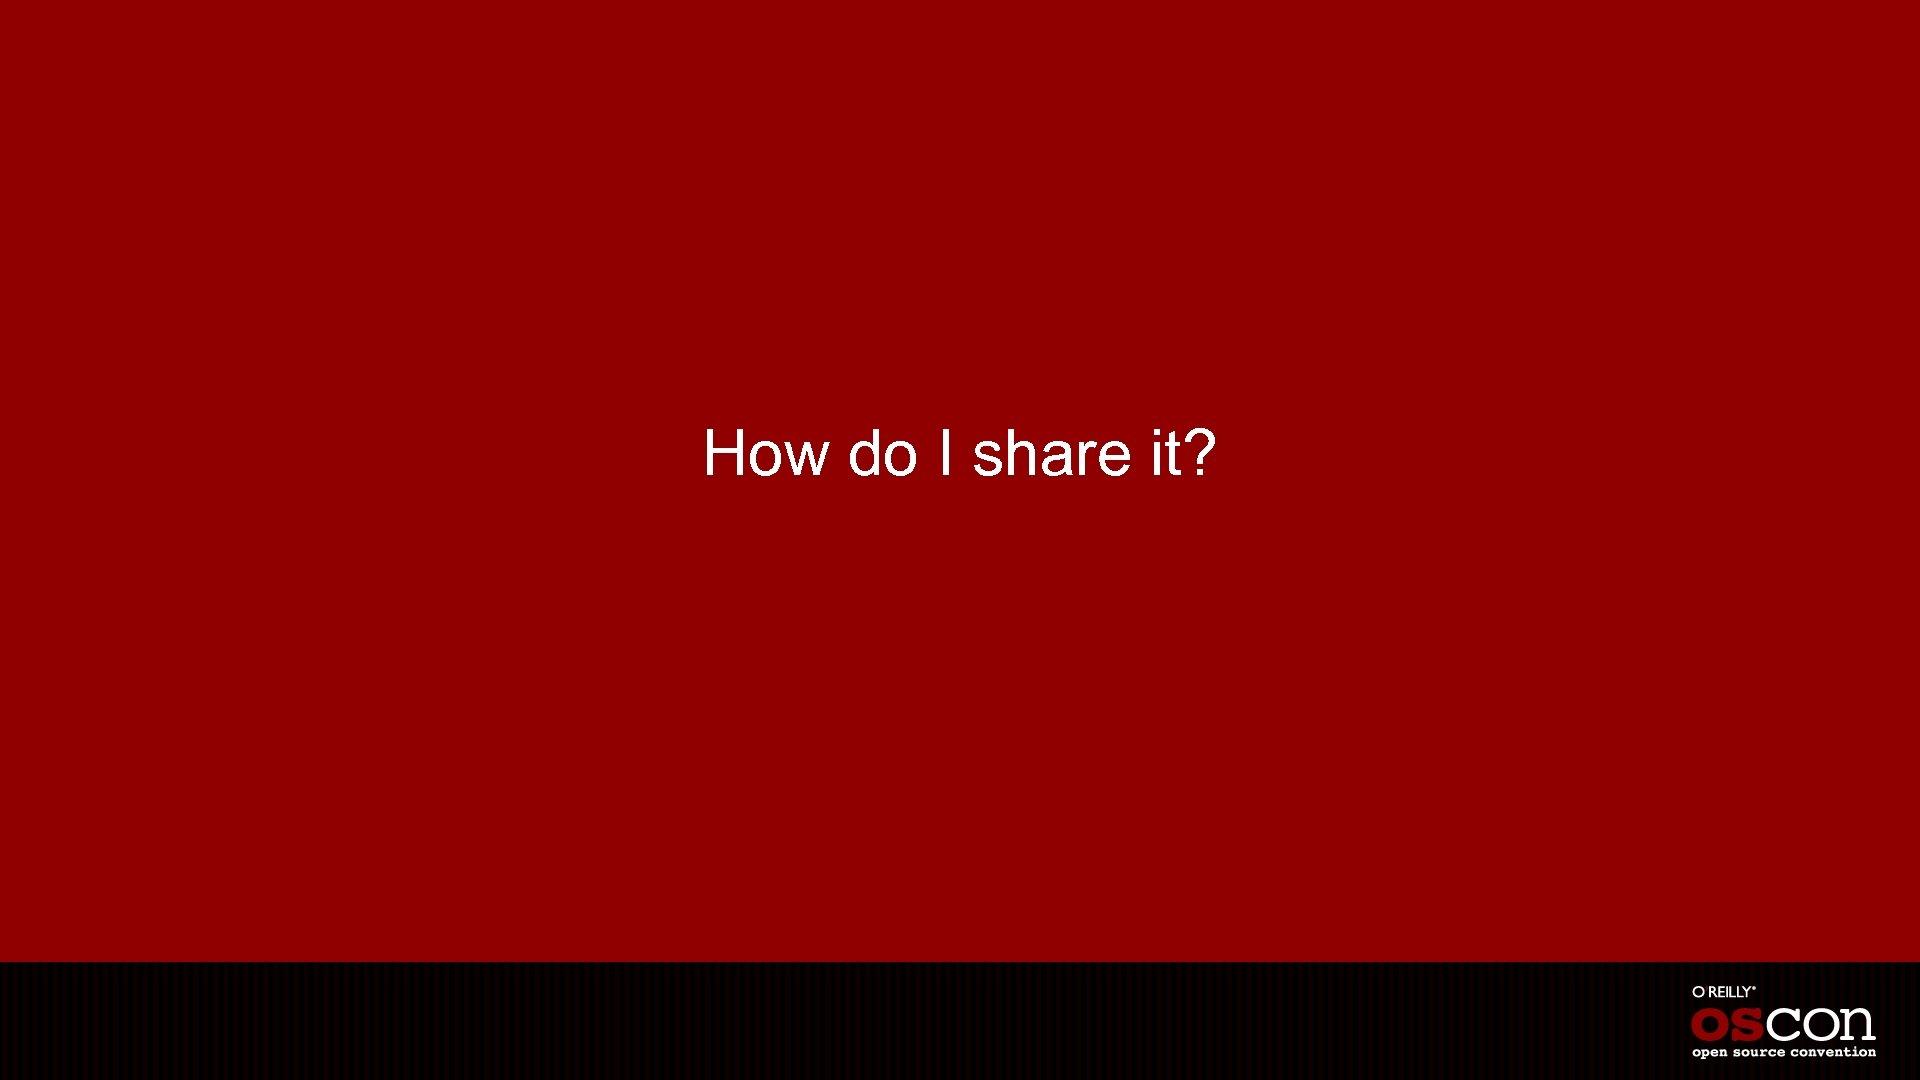 How do I share it?